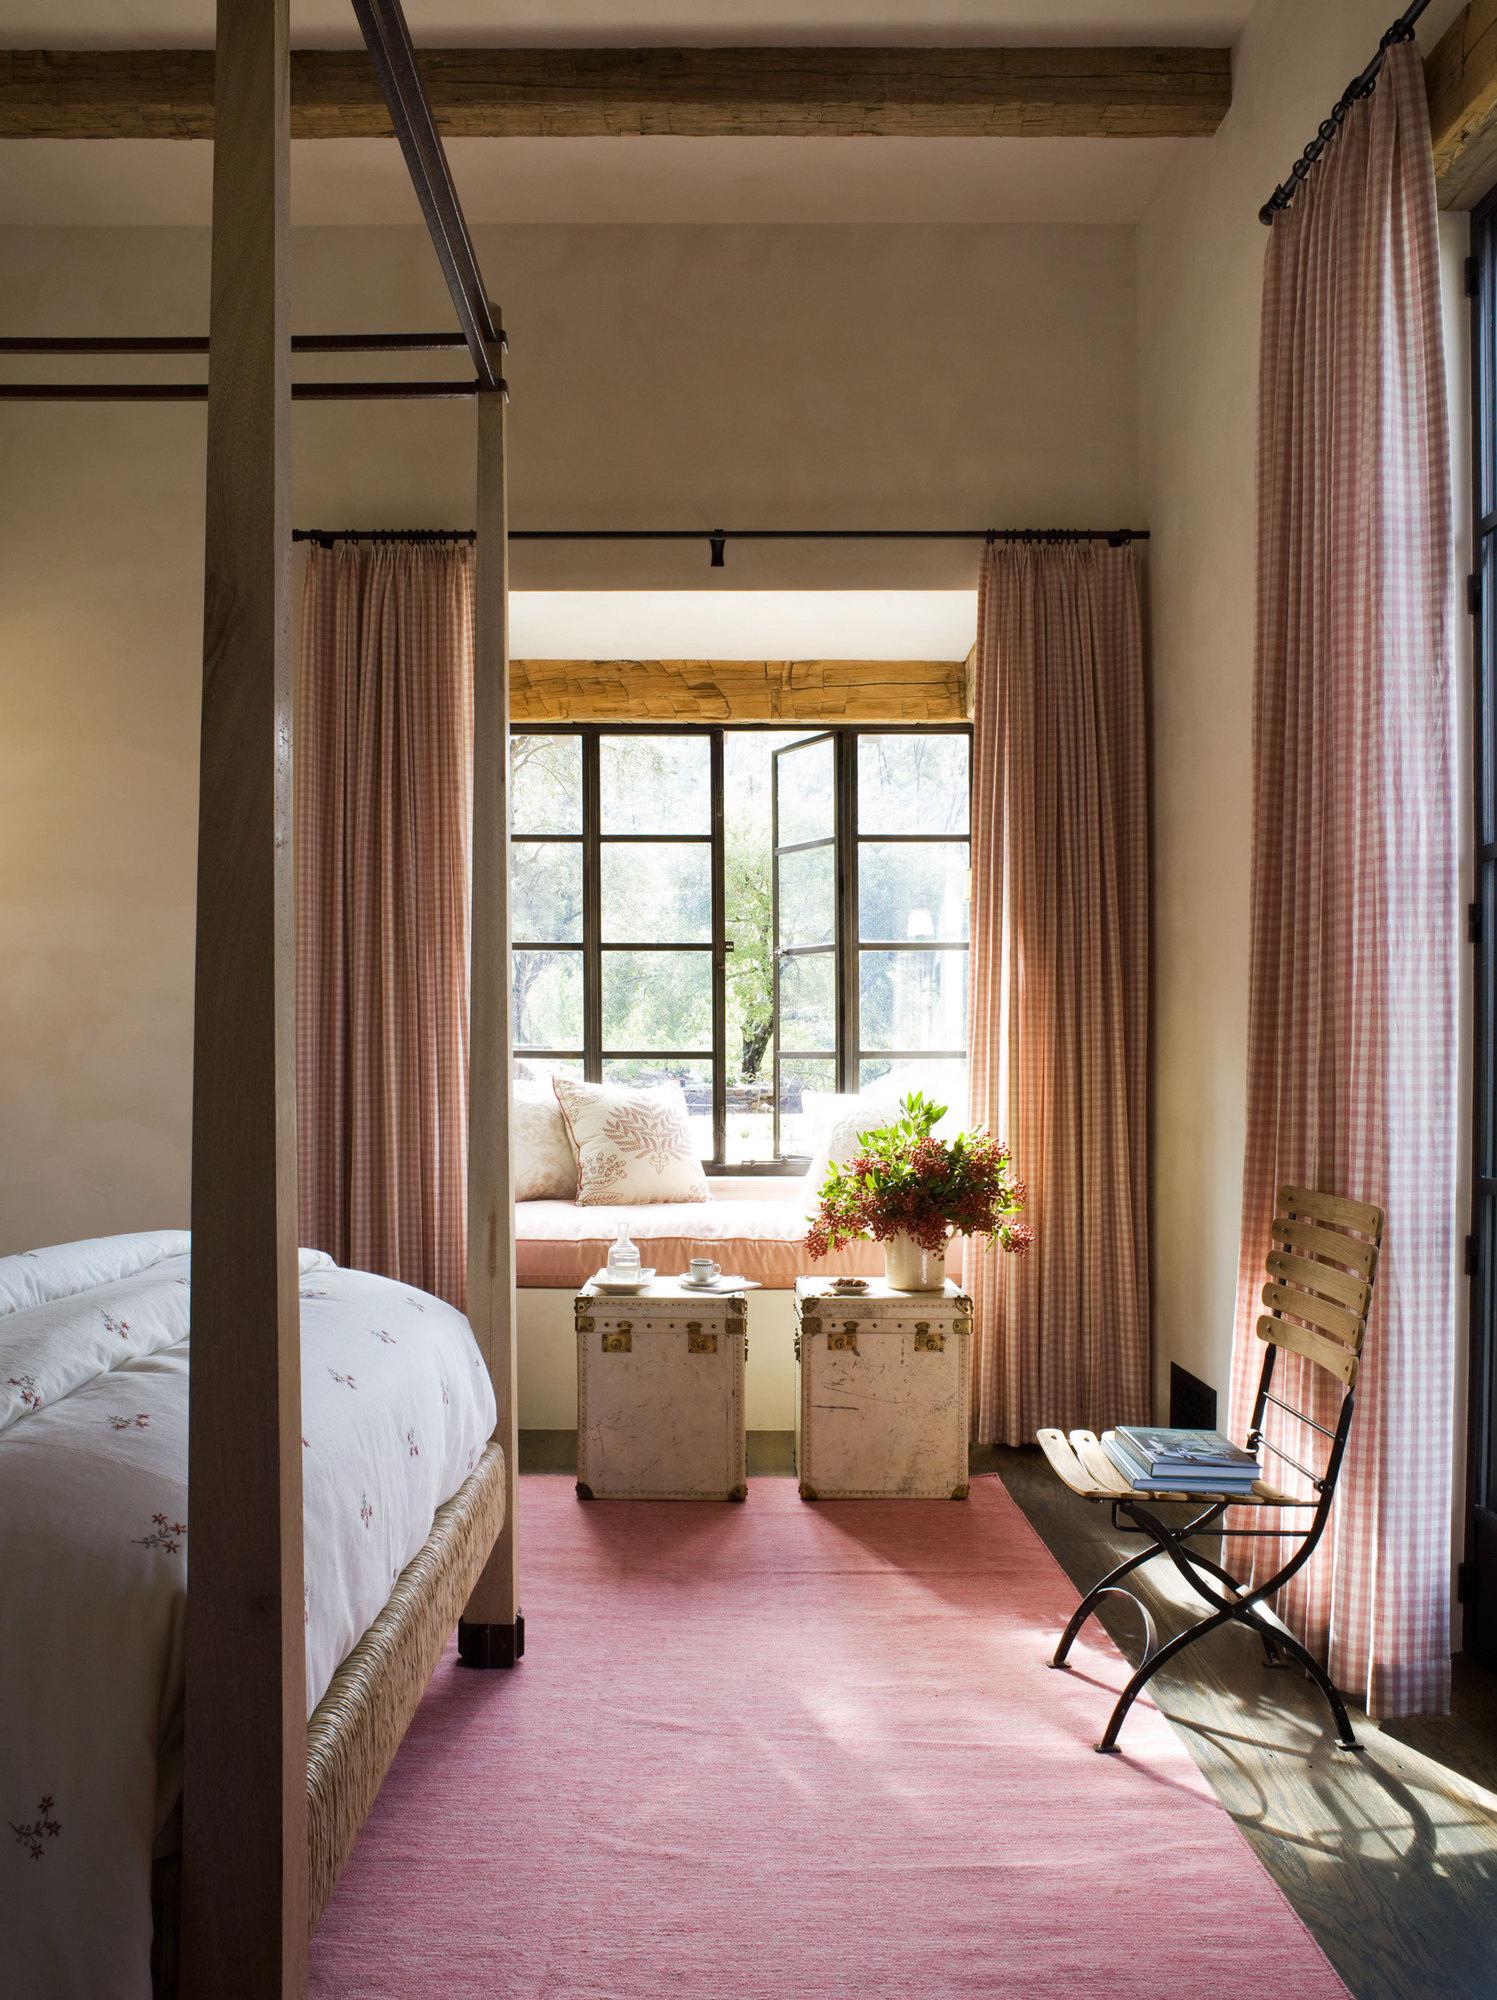 Napa Valley, California interior bedroom